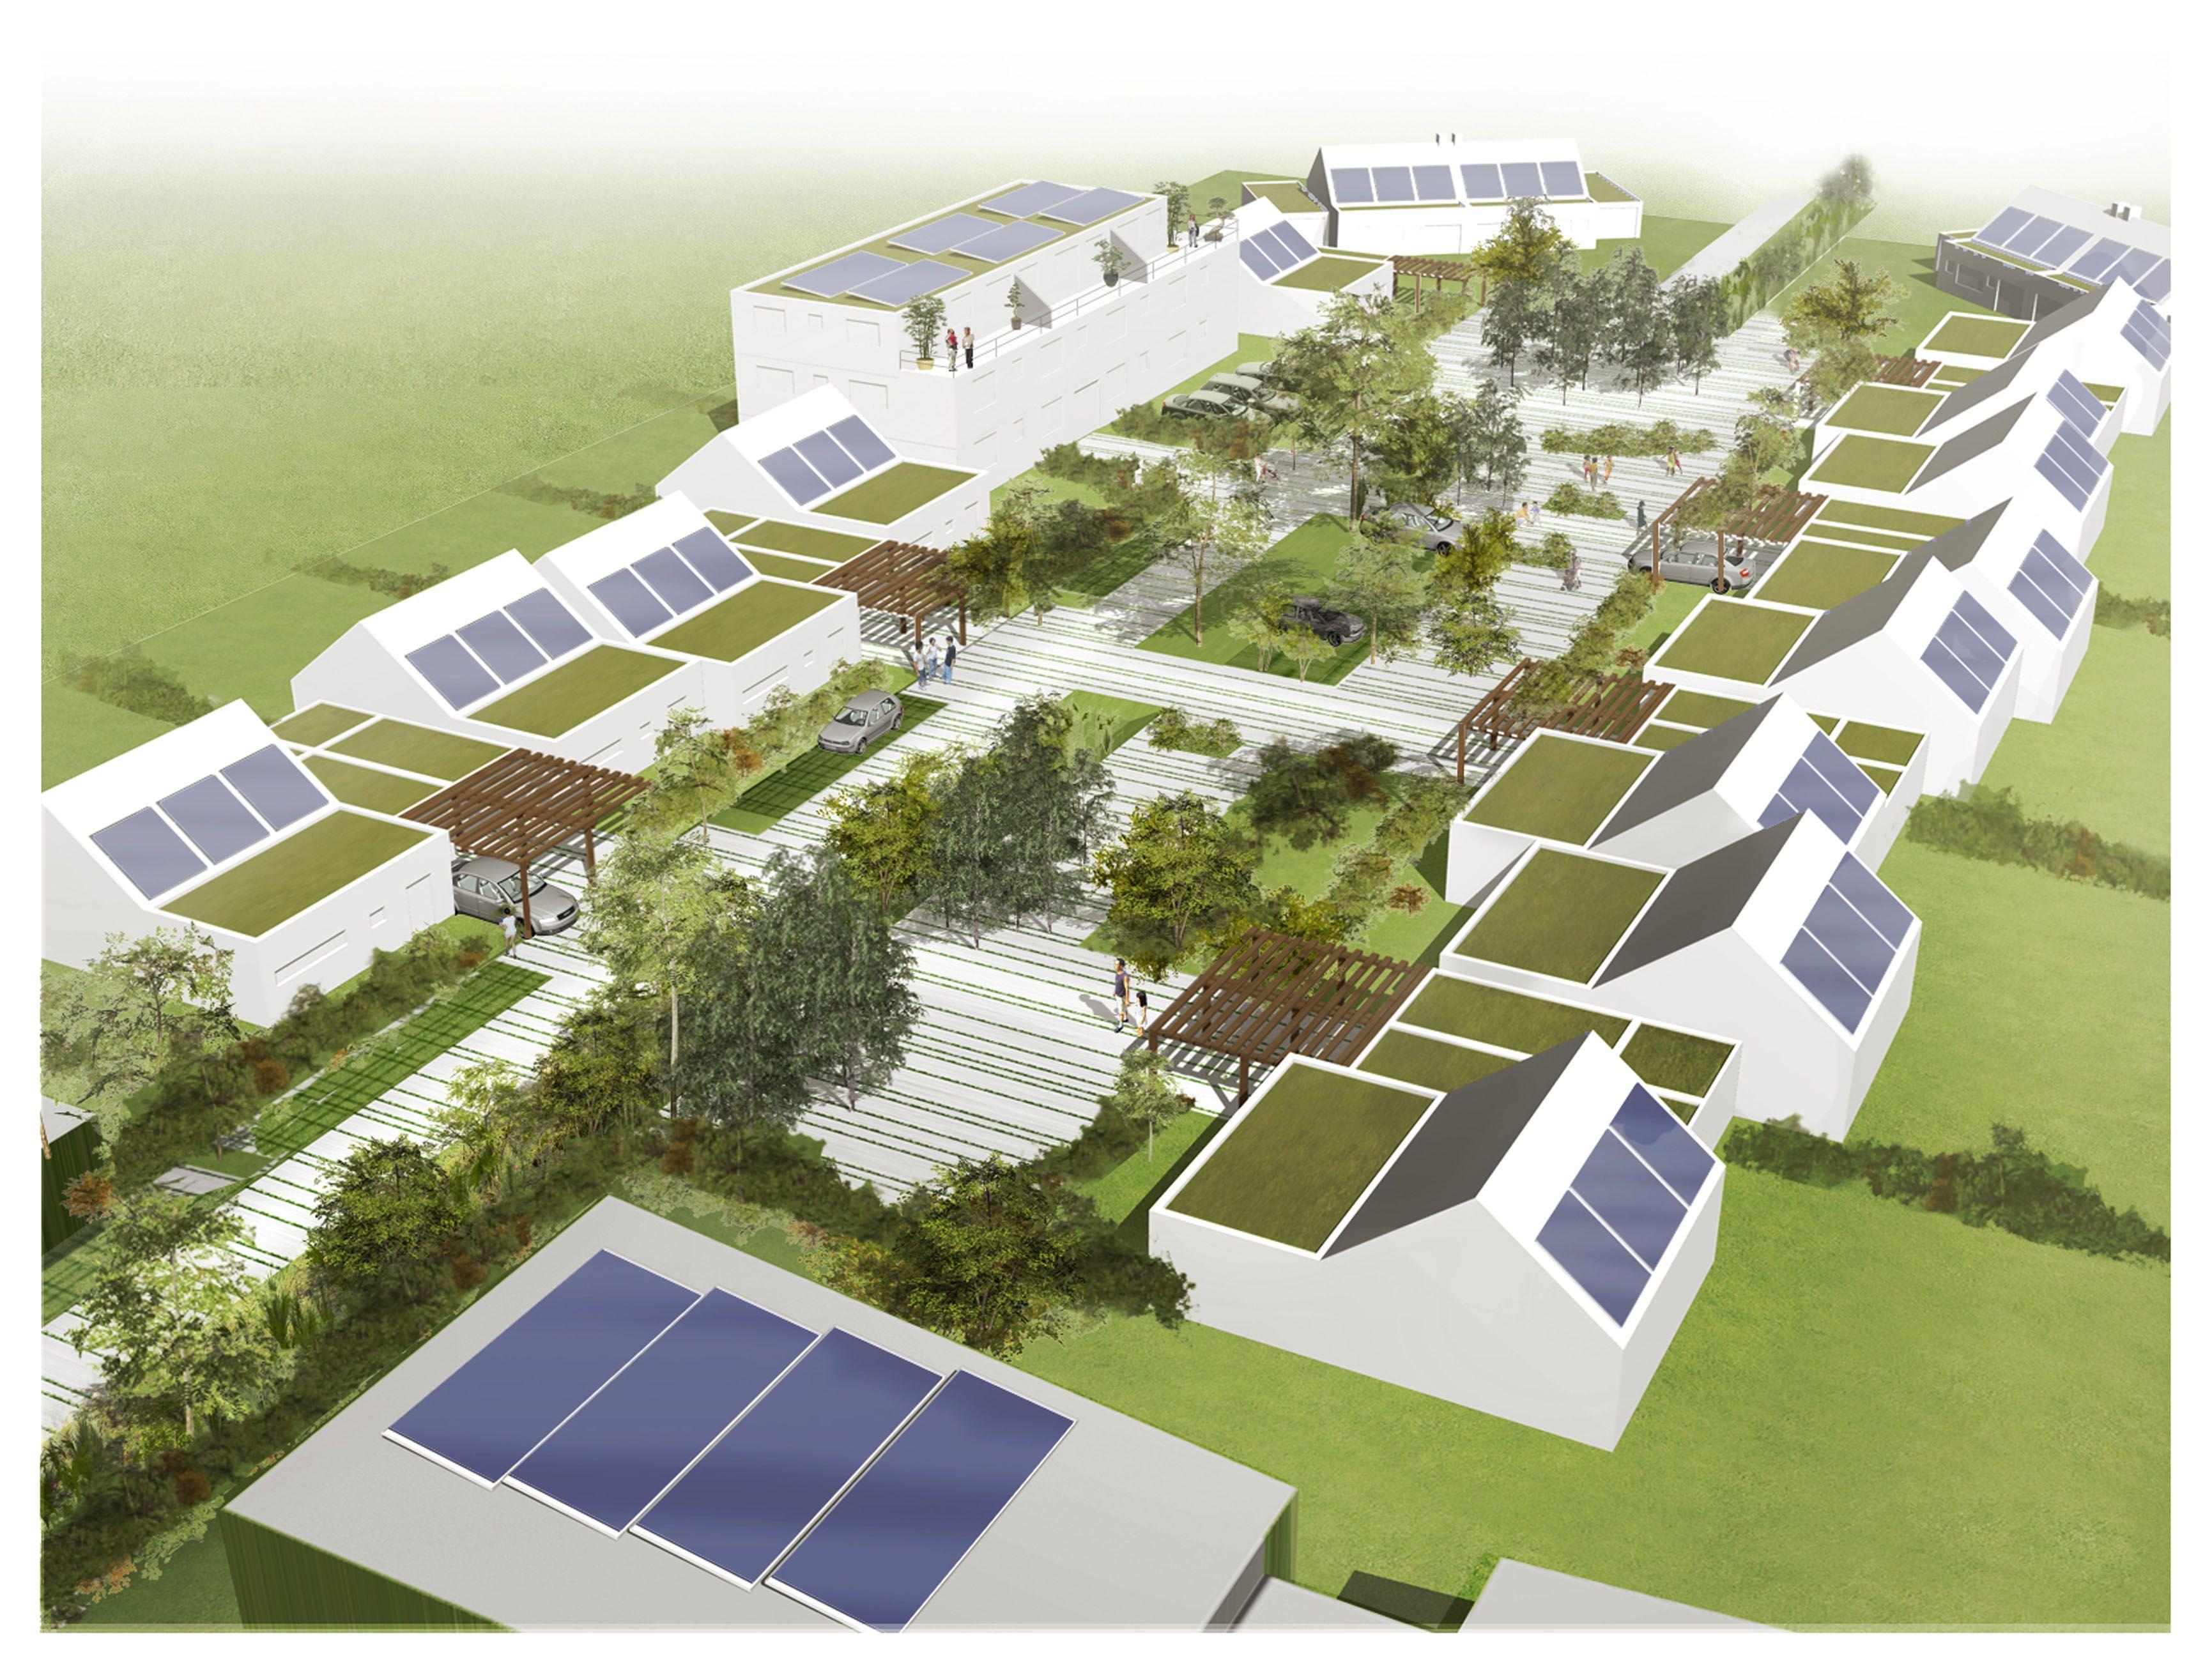 Granville conception de l co quartier de la cl menti re for Agence empreinte paysage